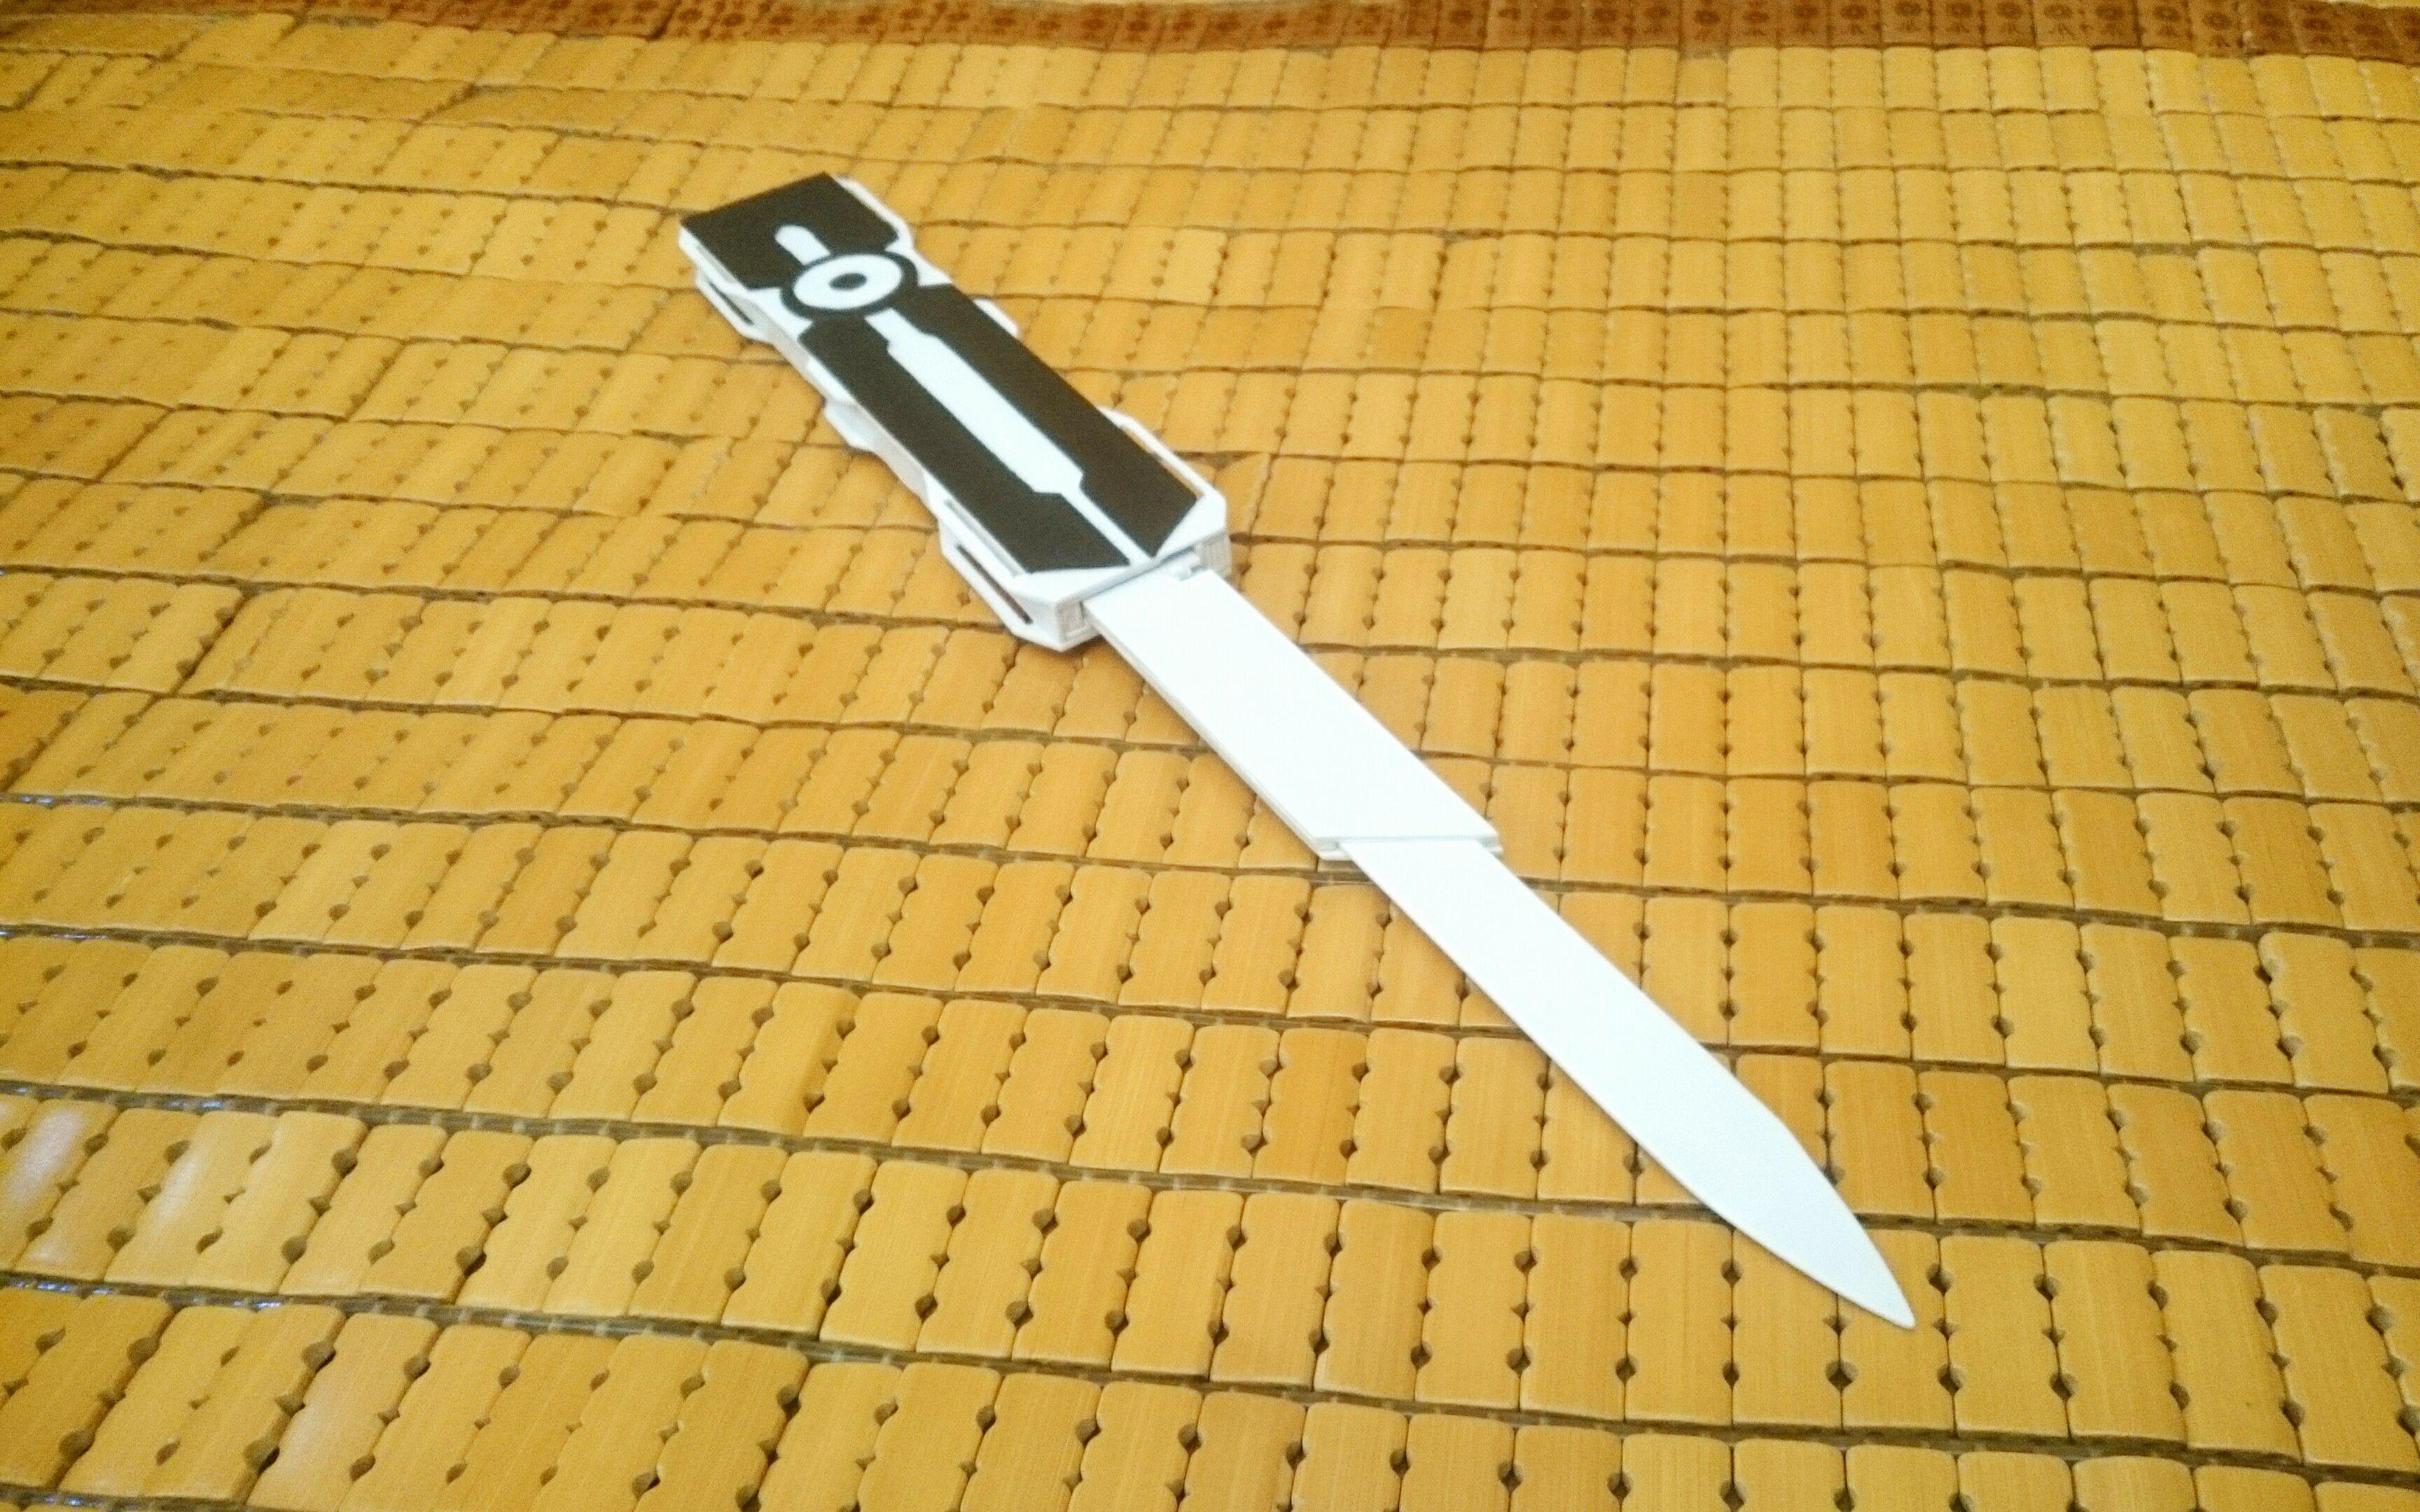 自己跟着自己搬运的视频做的袖剑图片